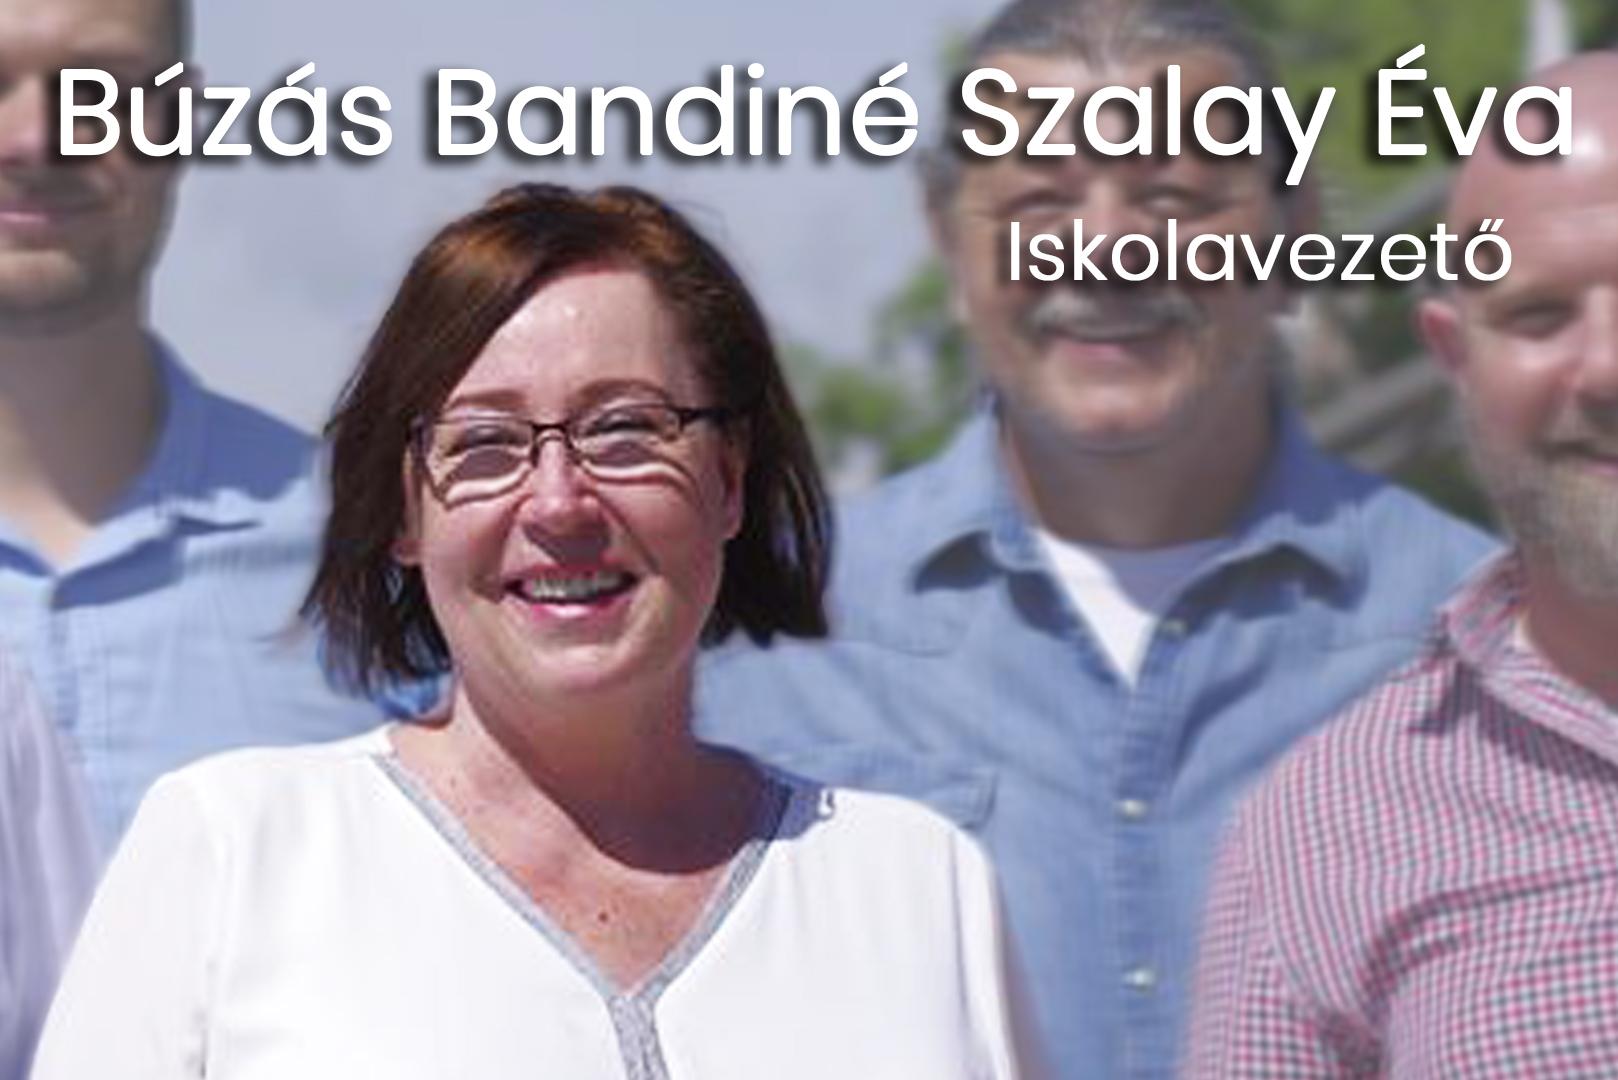 buzasne_szalay_eva_autosiskola